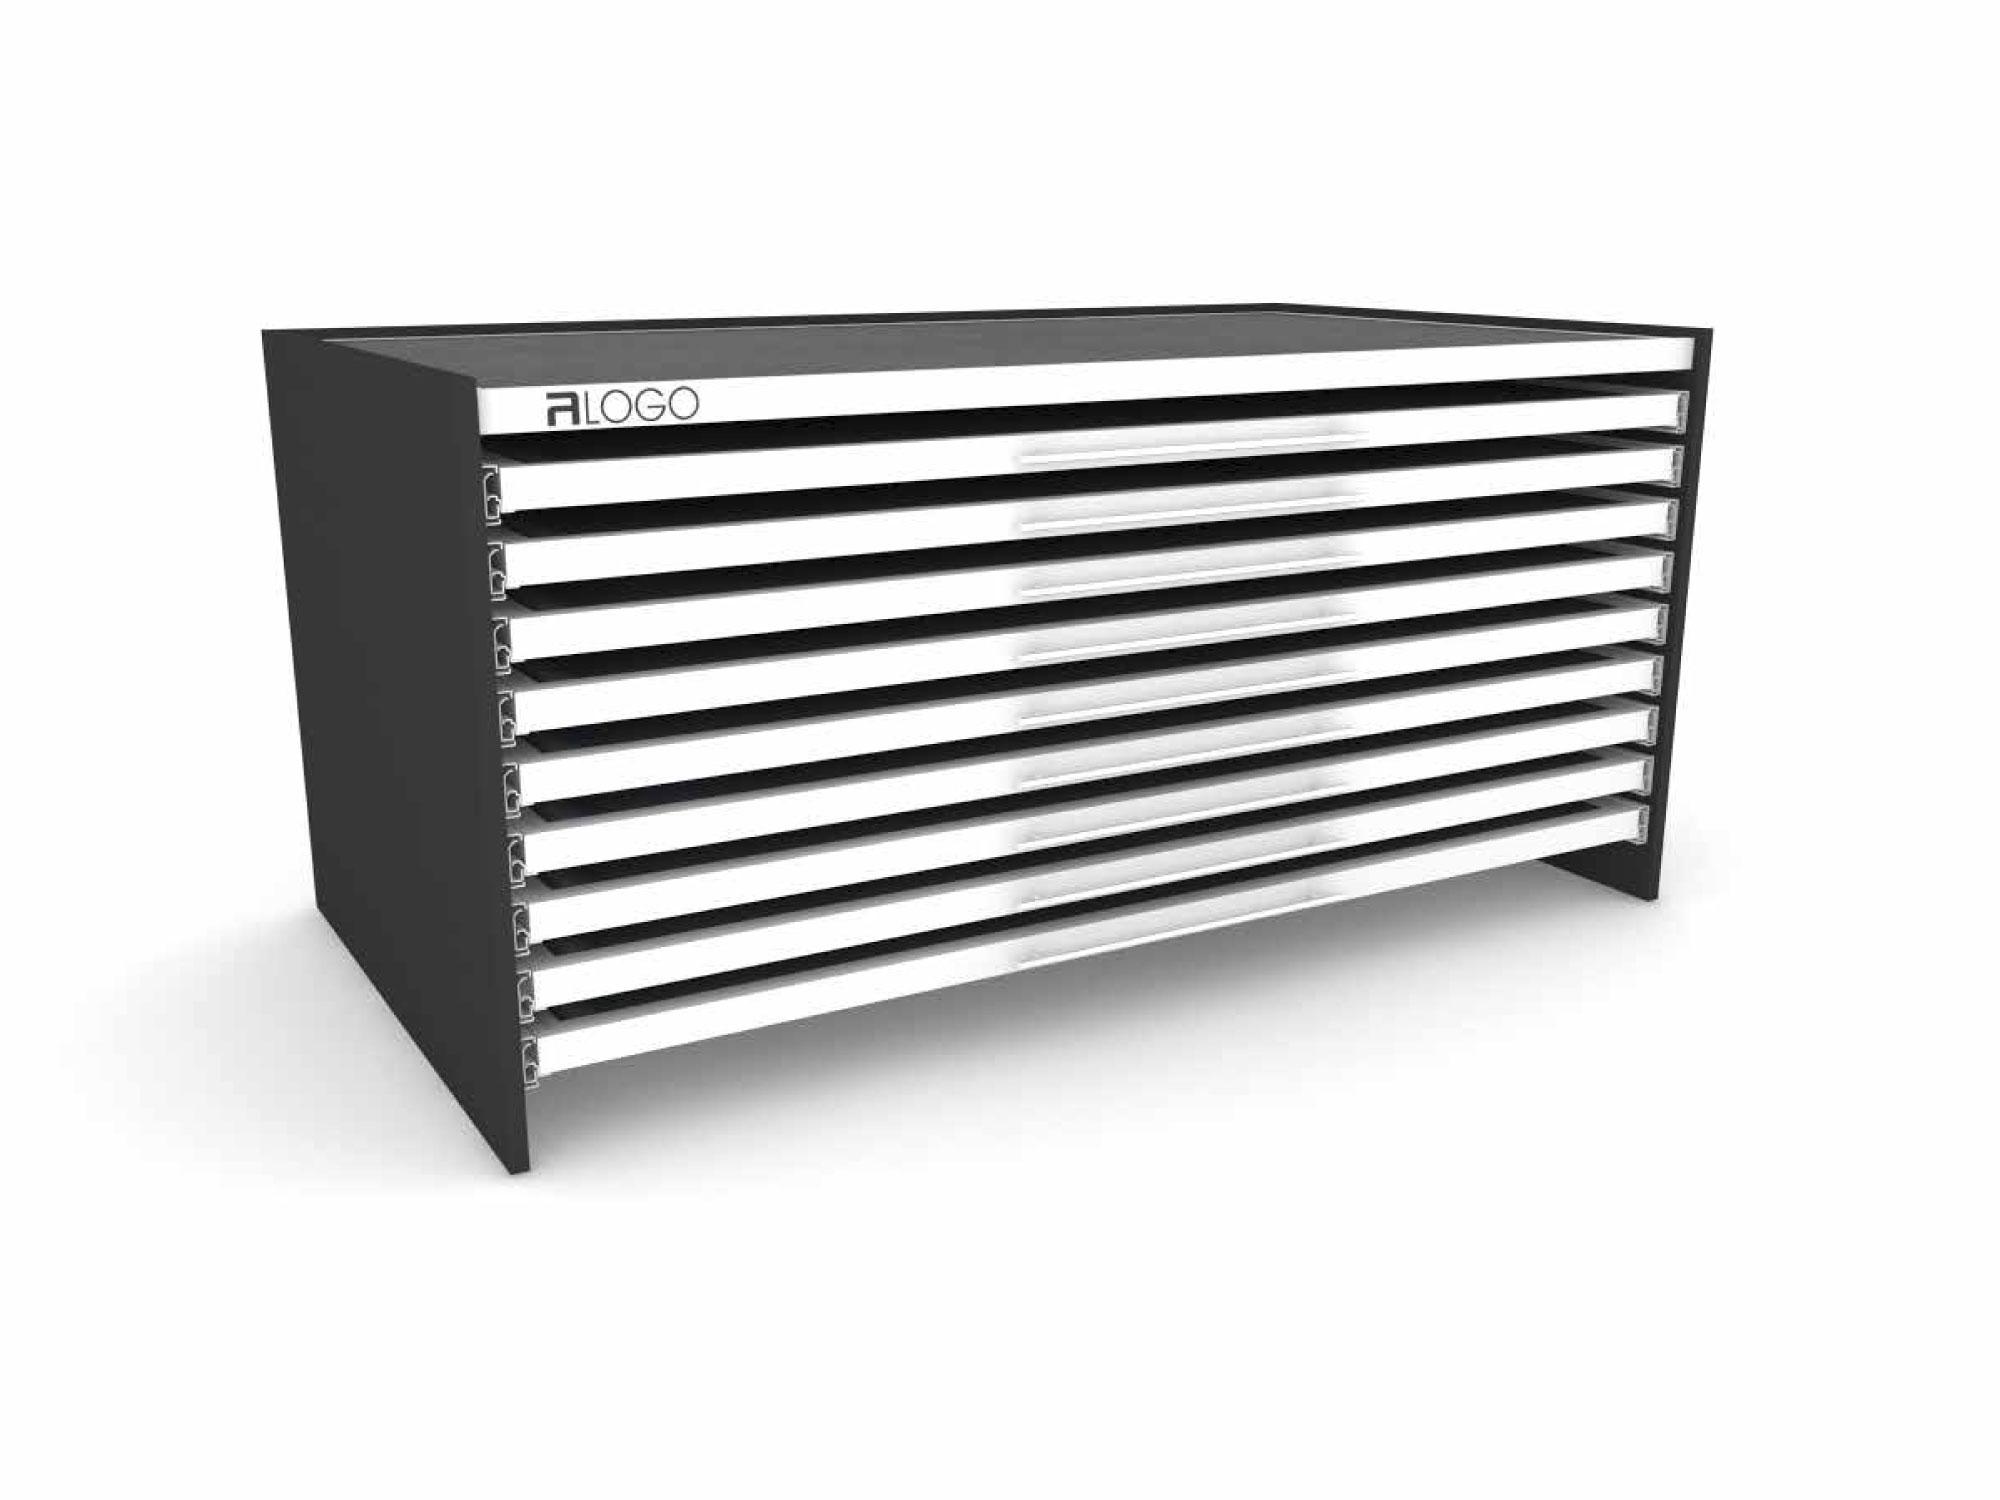 01 Tray Box 91P - TRAY BOX